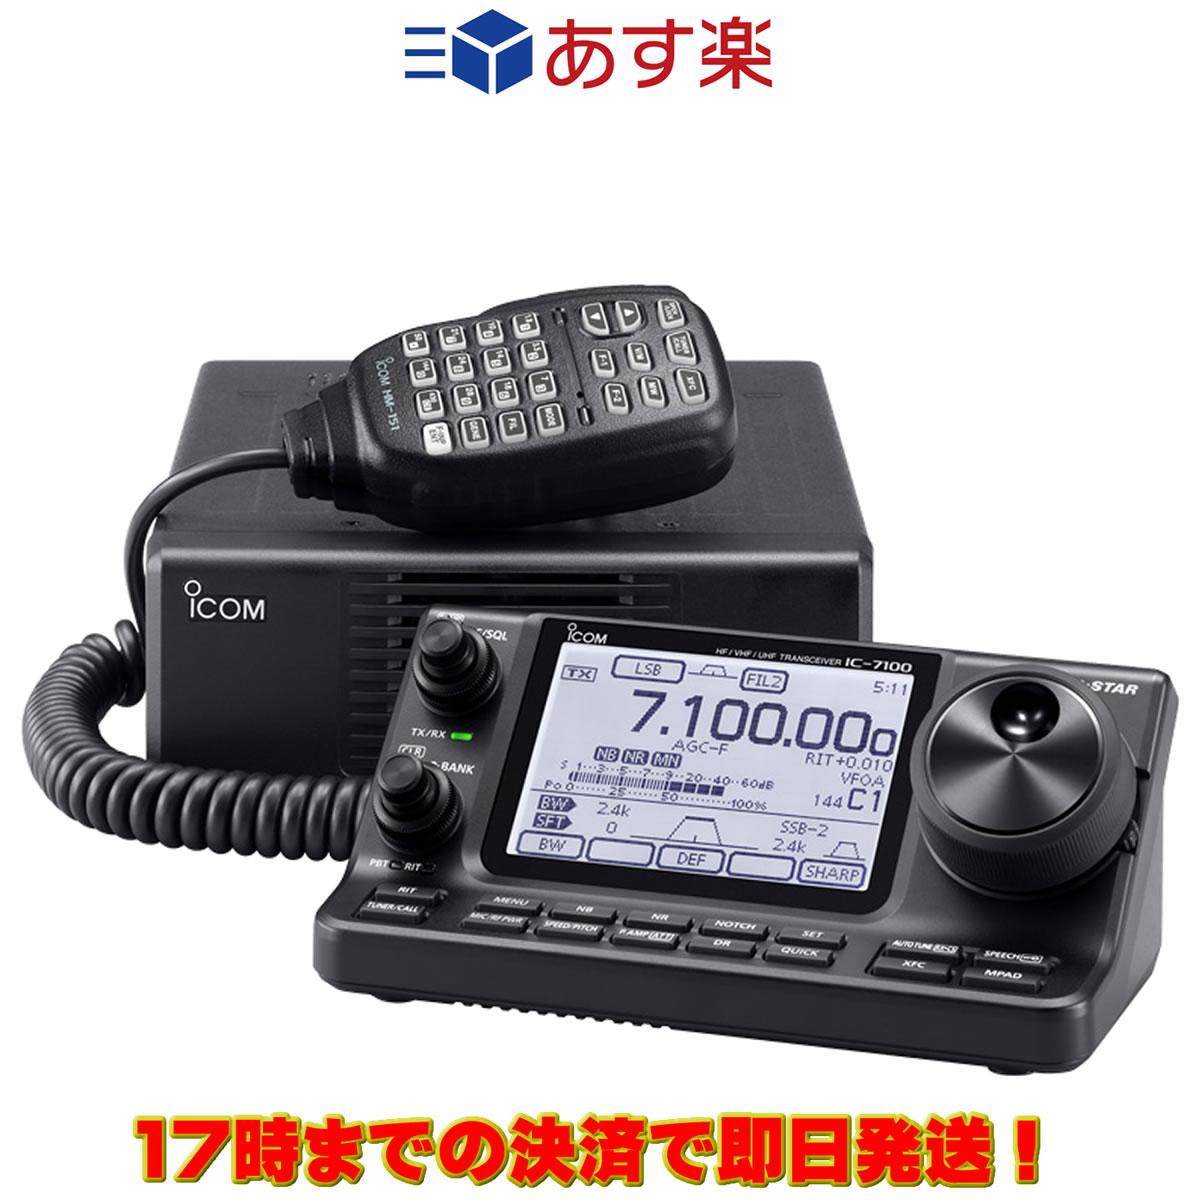 【ラッキーシール対応】 IC-7100M 受信改造済 アイコム HF+50MHz+144MHz+430MHz〈SSB・CW・RTTY・AM・FM・DV〉50W 3アマ トランシーバー